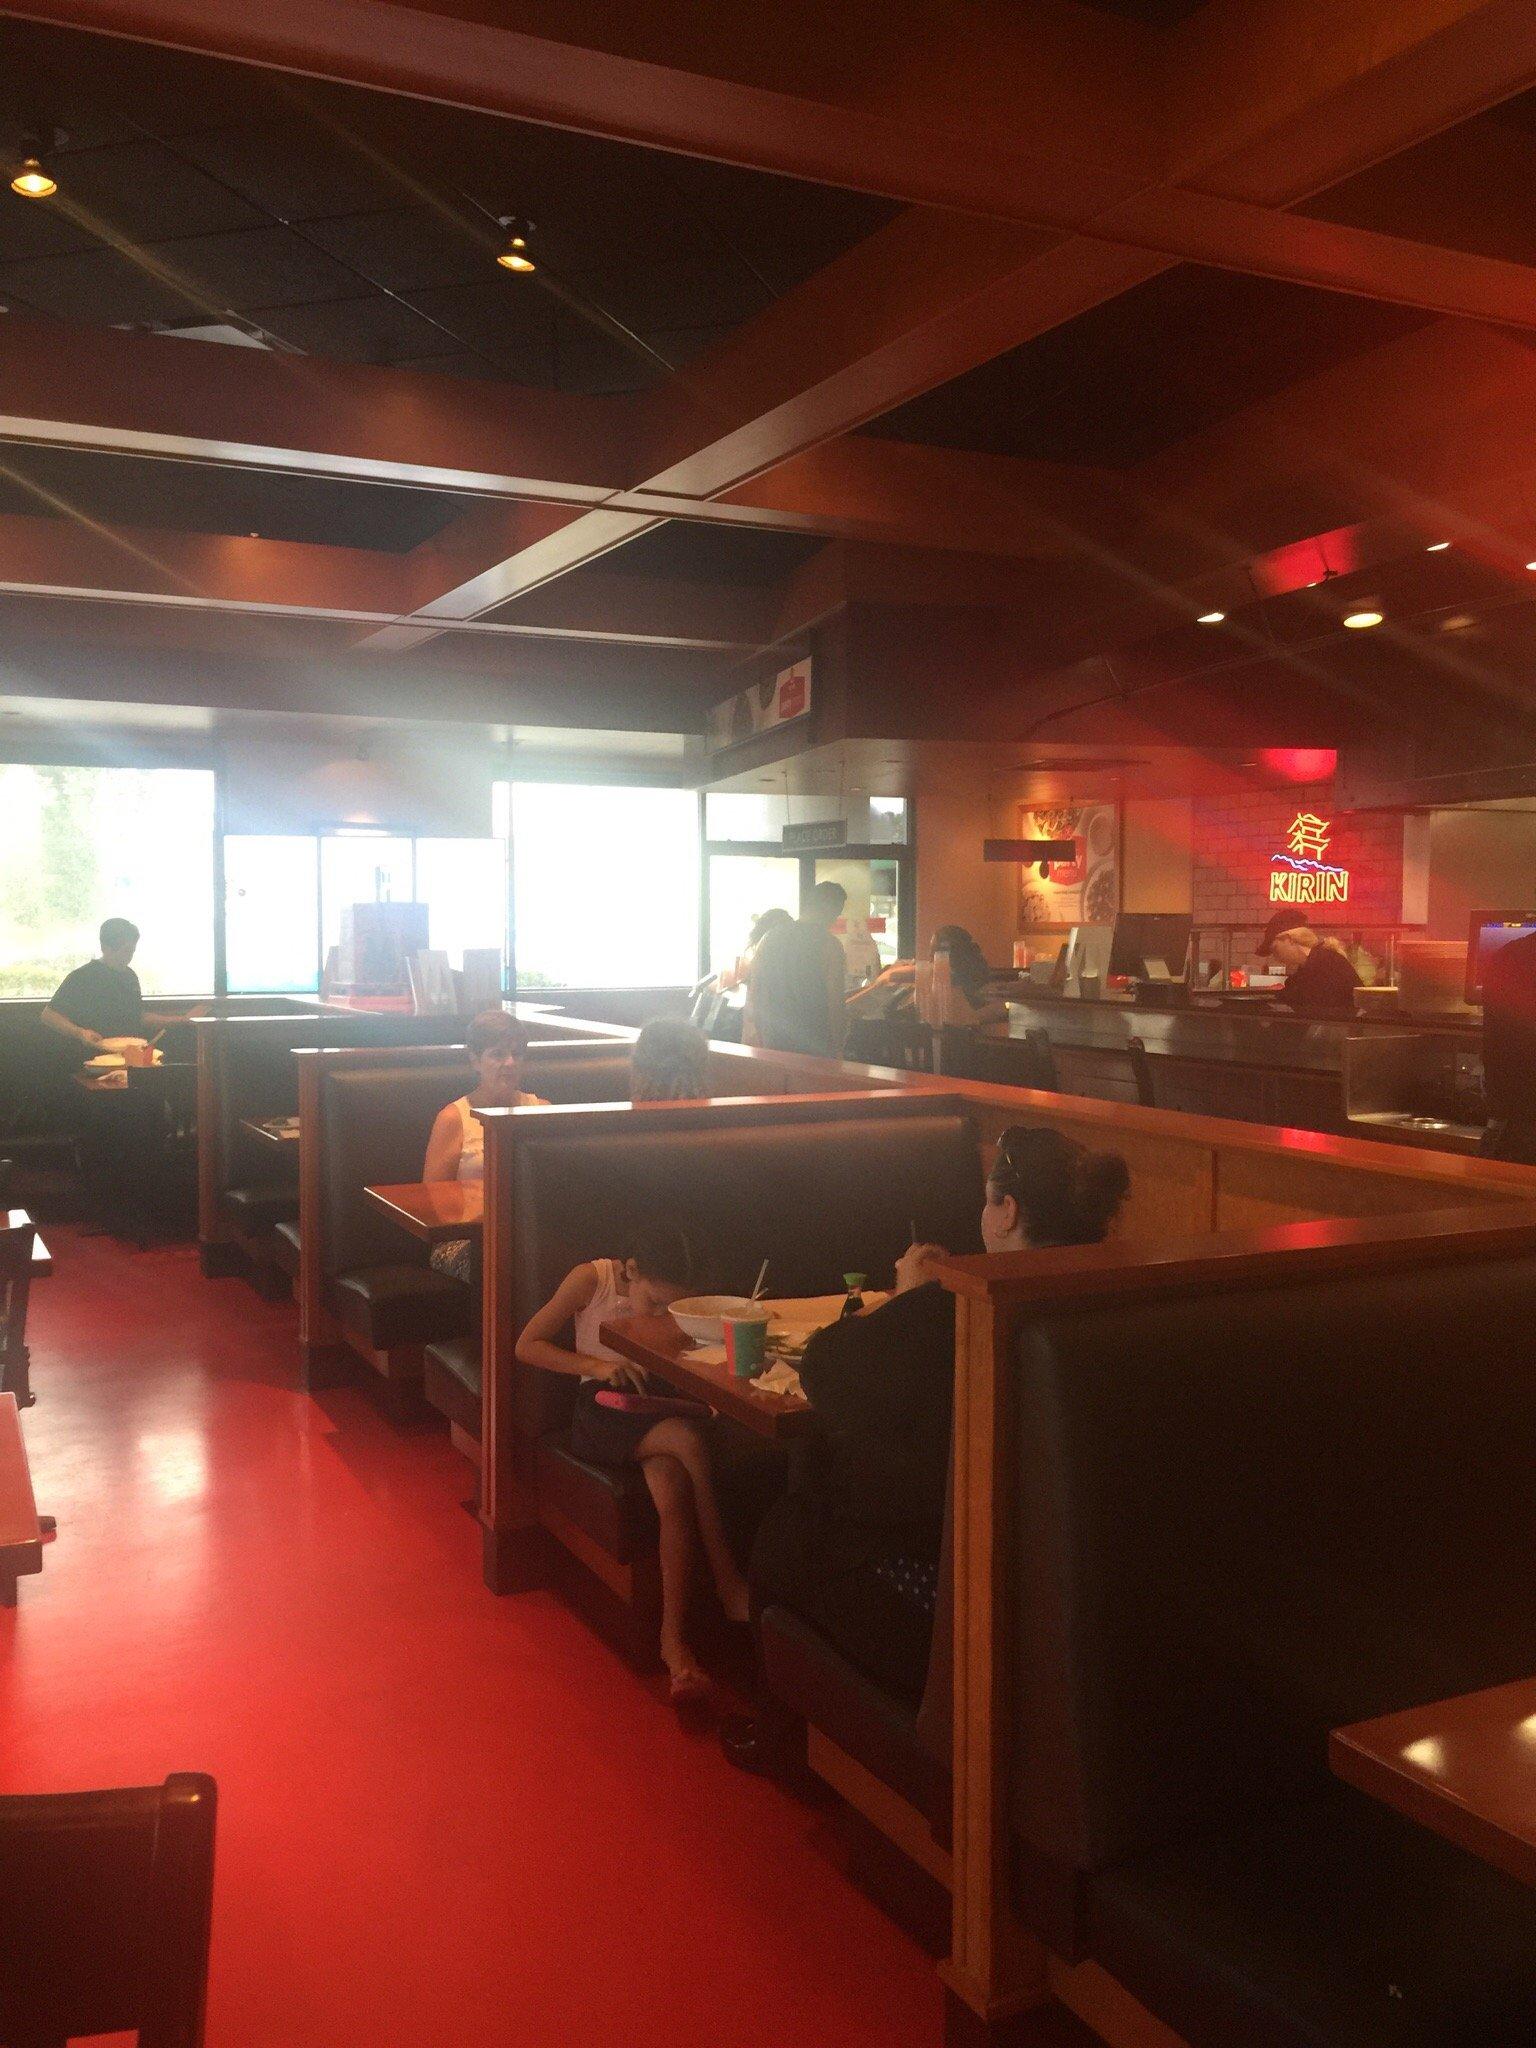 pei wei asian diner orlando 3011 e colonial dr b restaurant